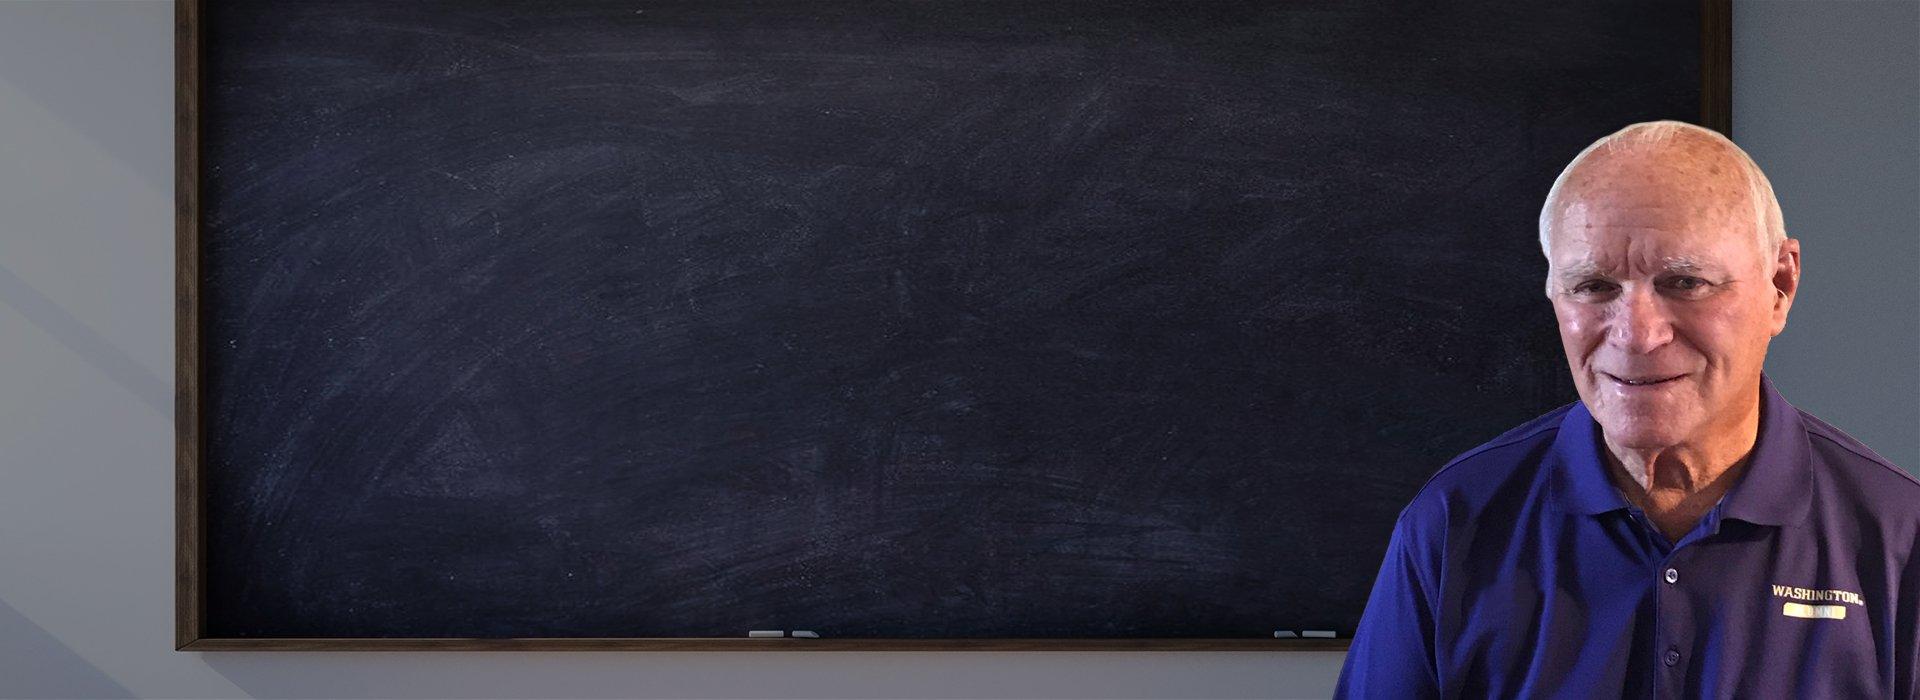 bill-chalkboard-1920x700